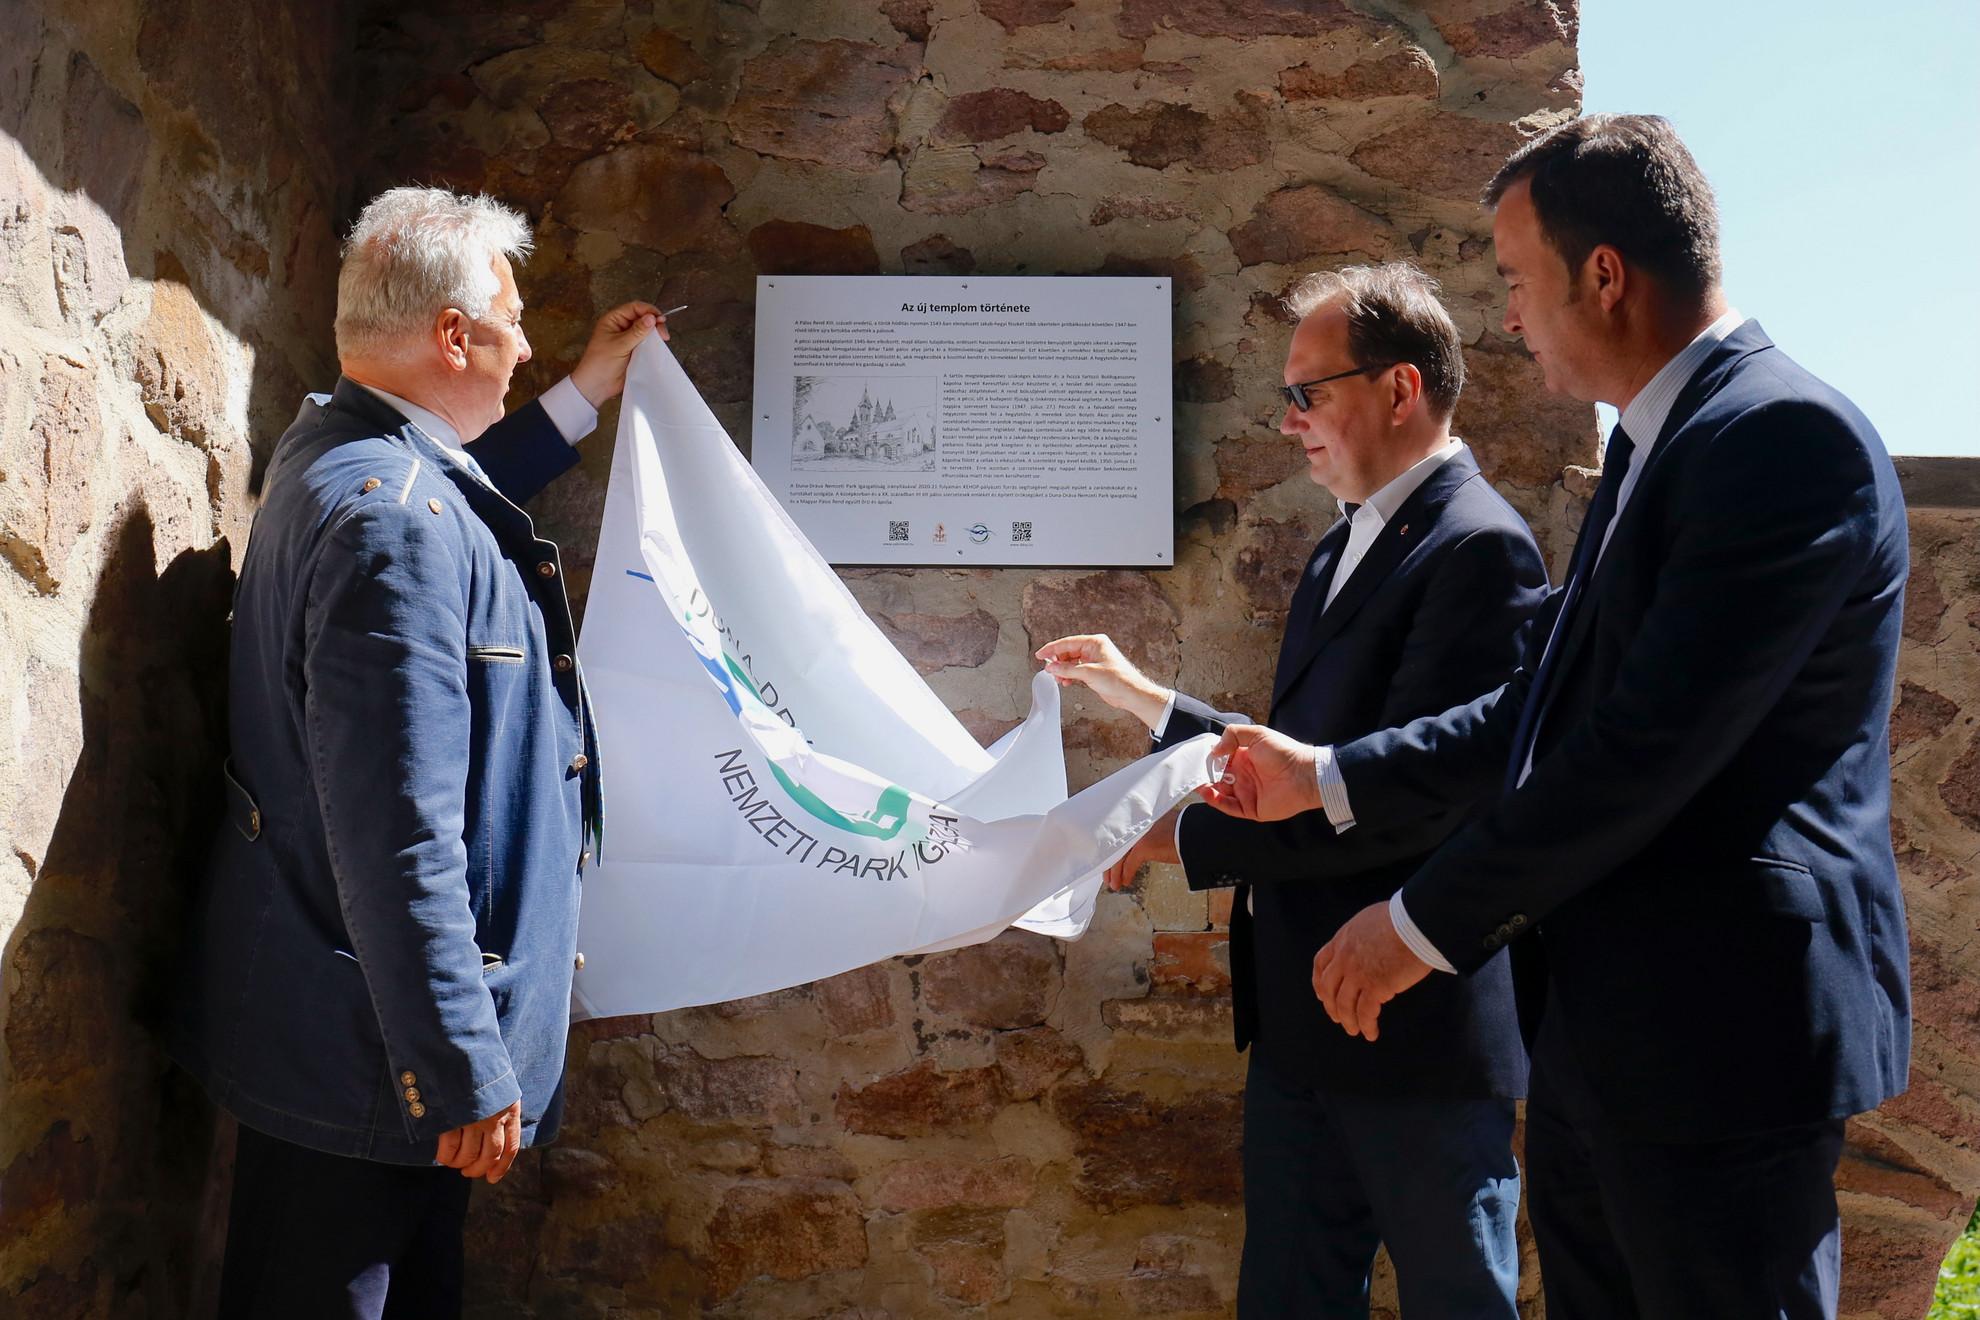 Semjén Zsolt miniszterelnök-helyettes,  Hoppál Péter, a Fidesz országgyűlési képviselője és Rácz András, az Agrárminisztérium környezetügyért felelős államtitkára (b-j) leleplezi az emléktáblát a közelmúltban felújított Új templom turistapihenő átadásán a mecseki Jakab-hegyen